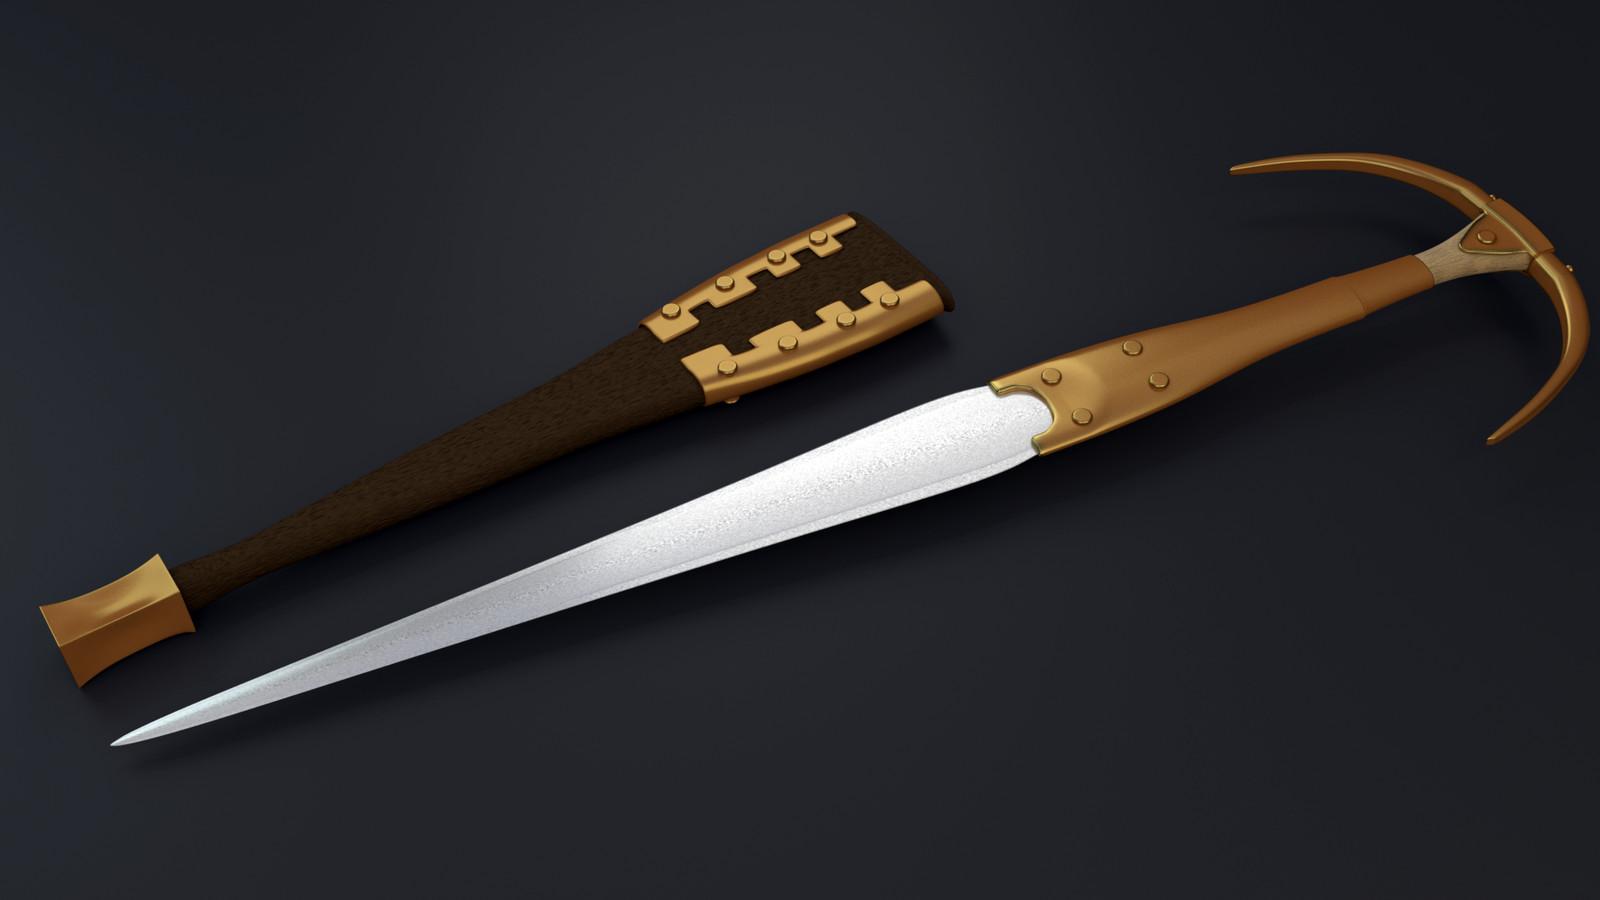 alaca dagger an sheath